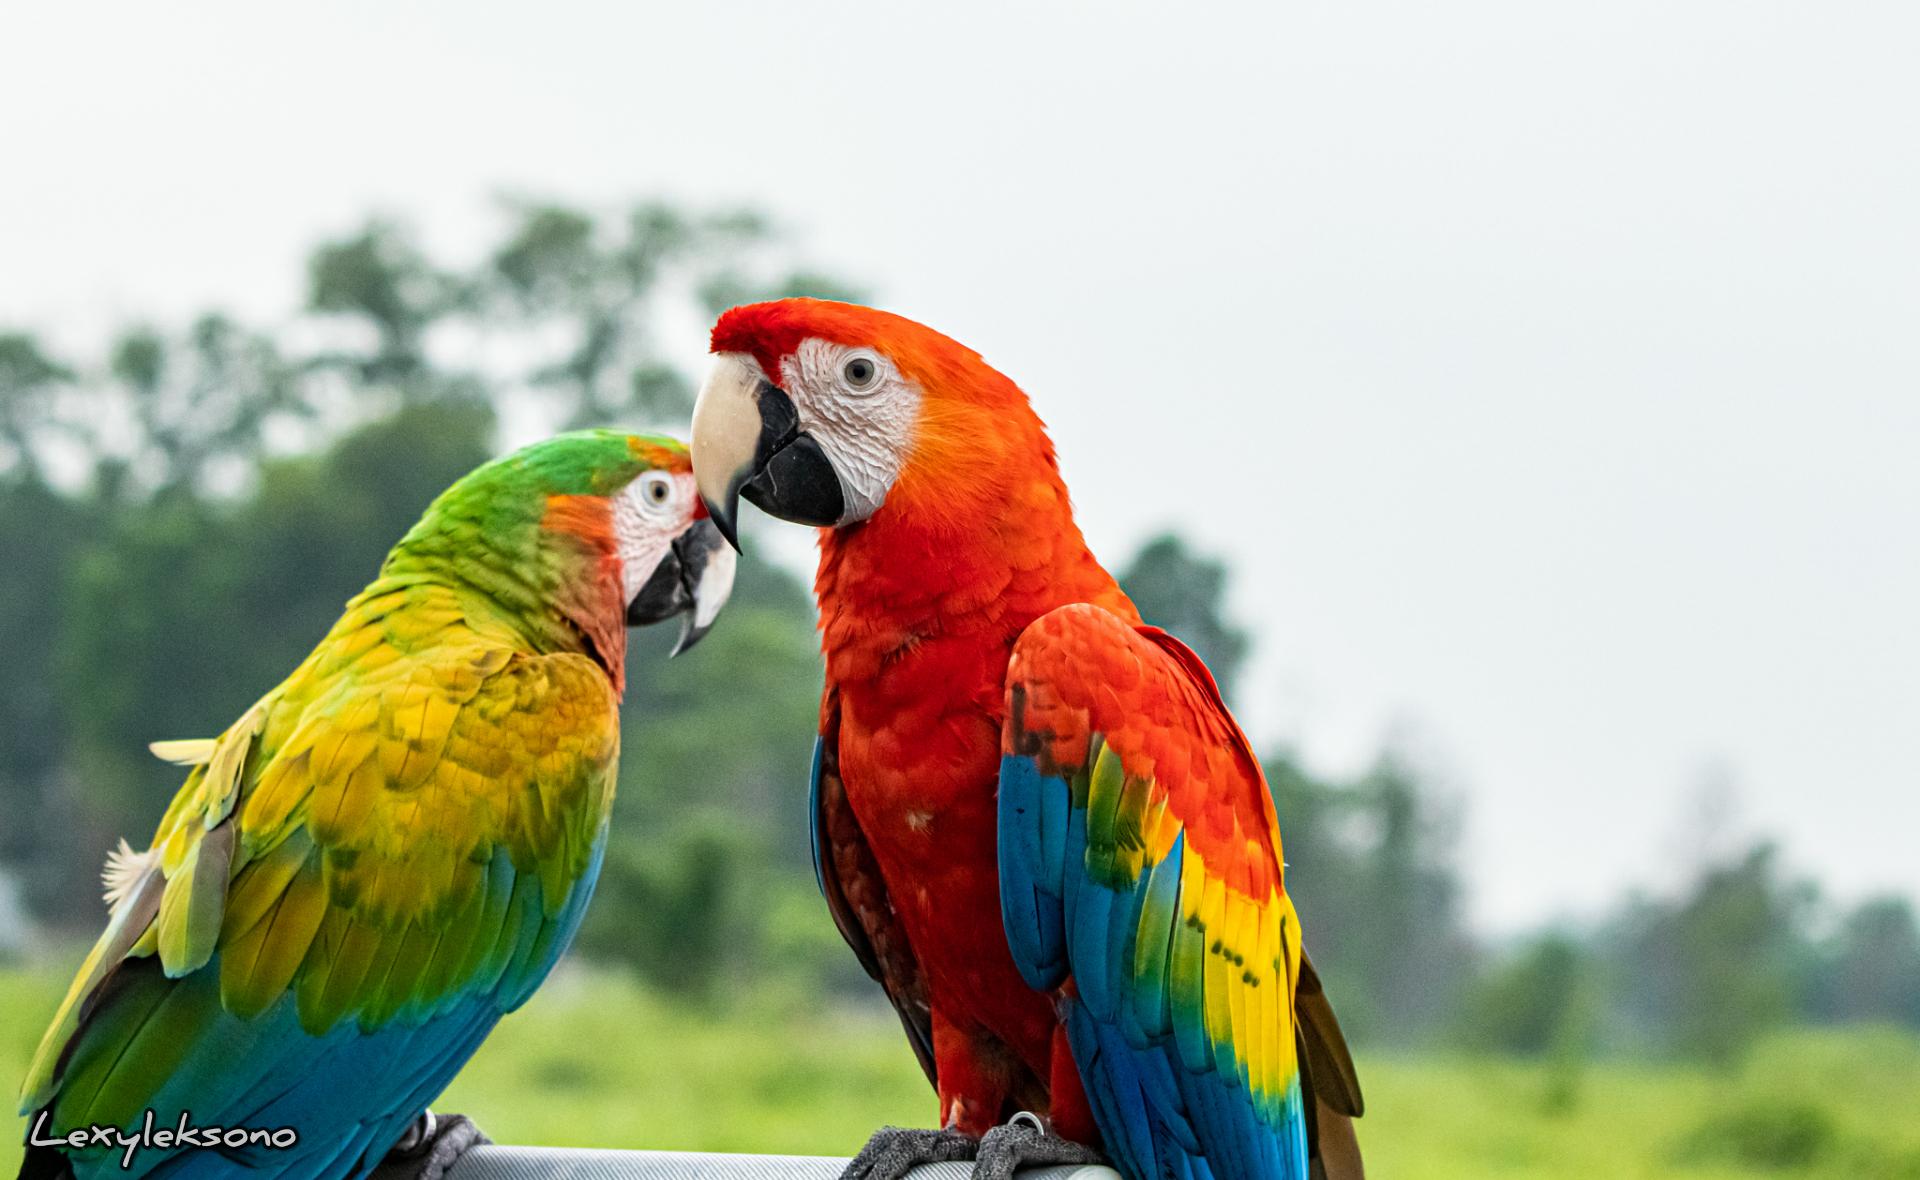 Burung Macaw Yang Menawan Lexyleksono